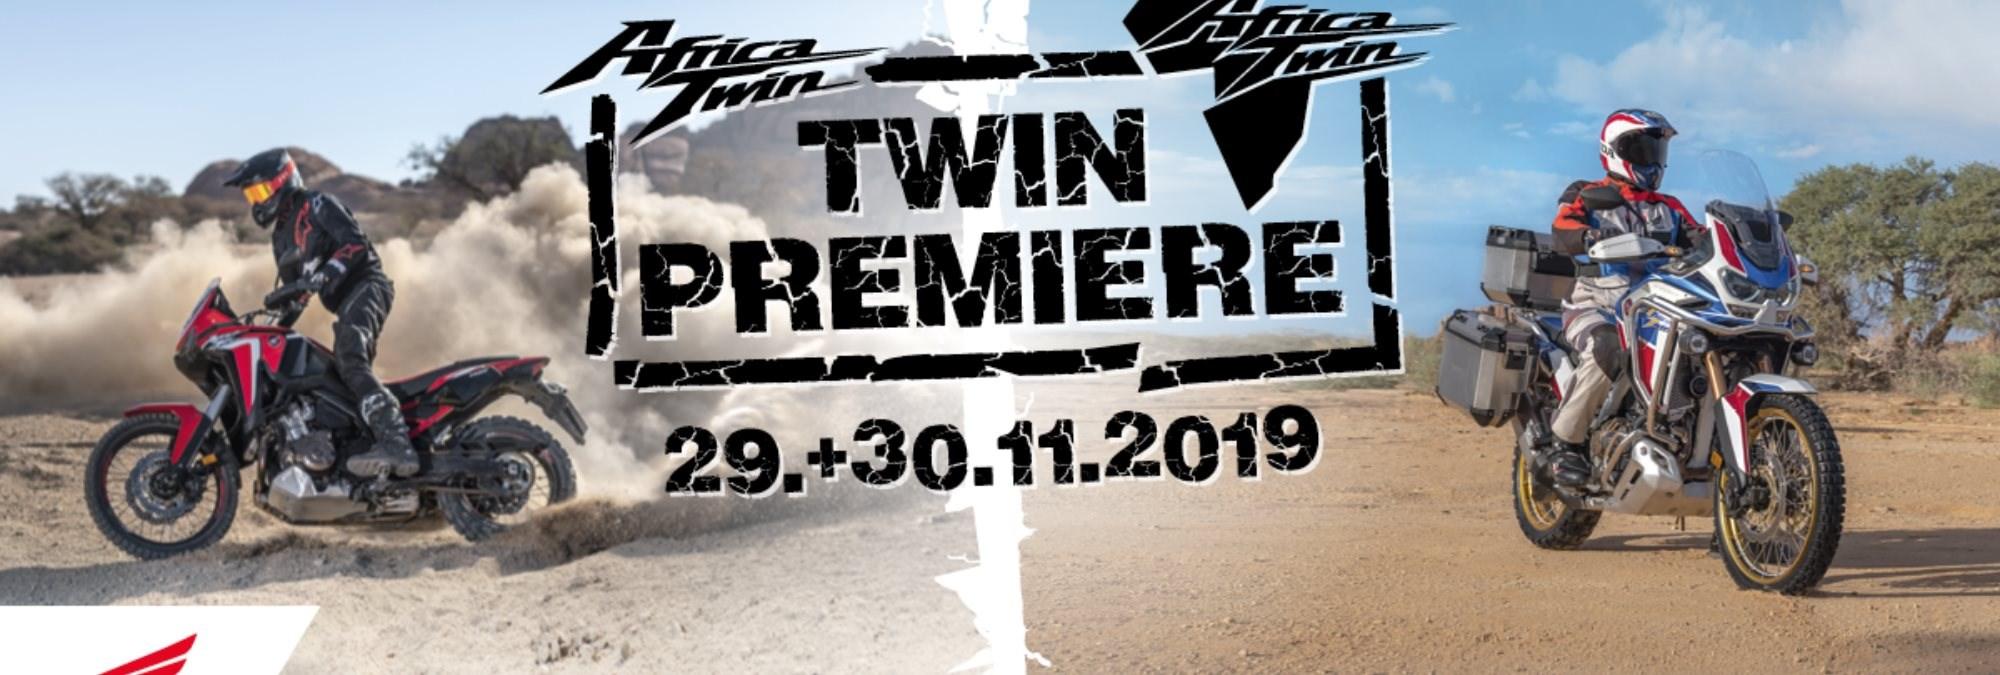 TWINPREMIERE 29. und 30.11.2019